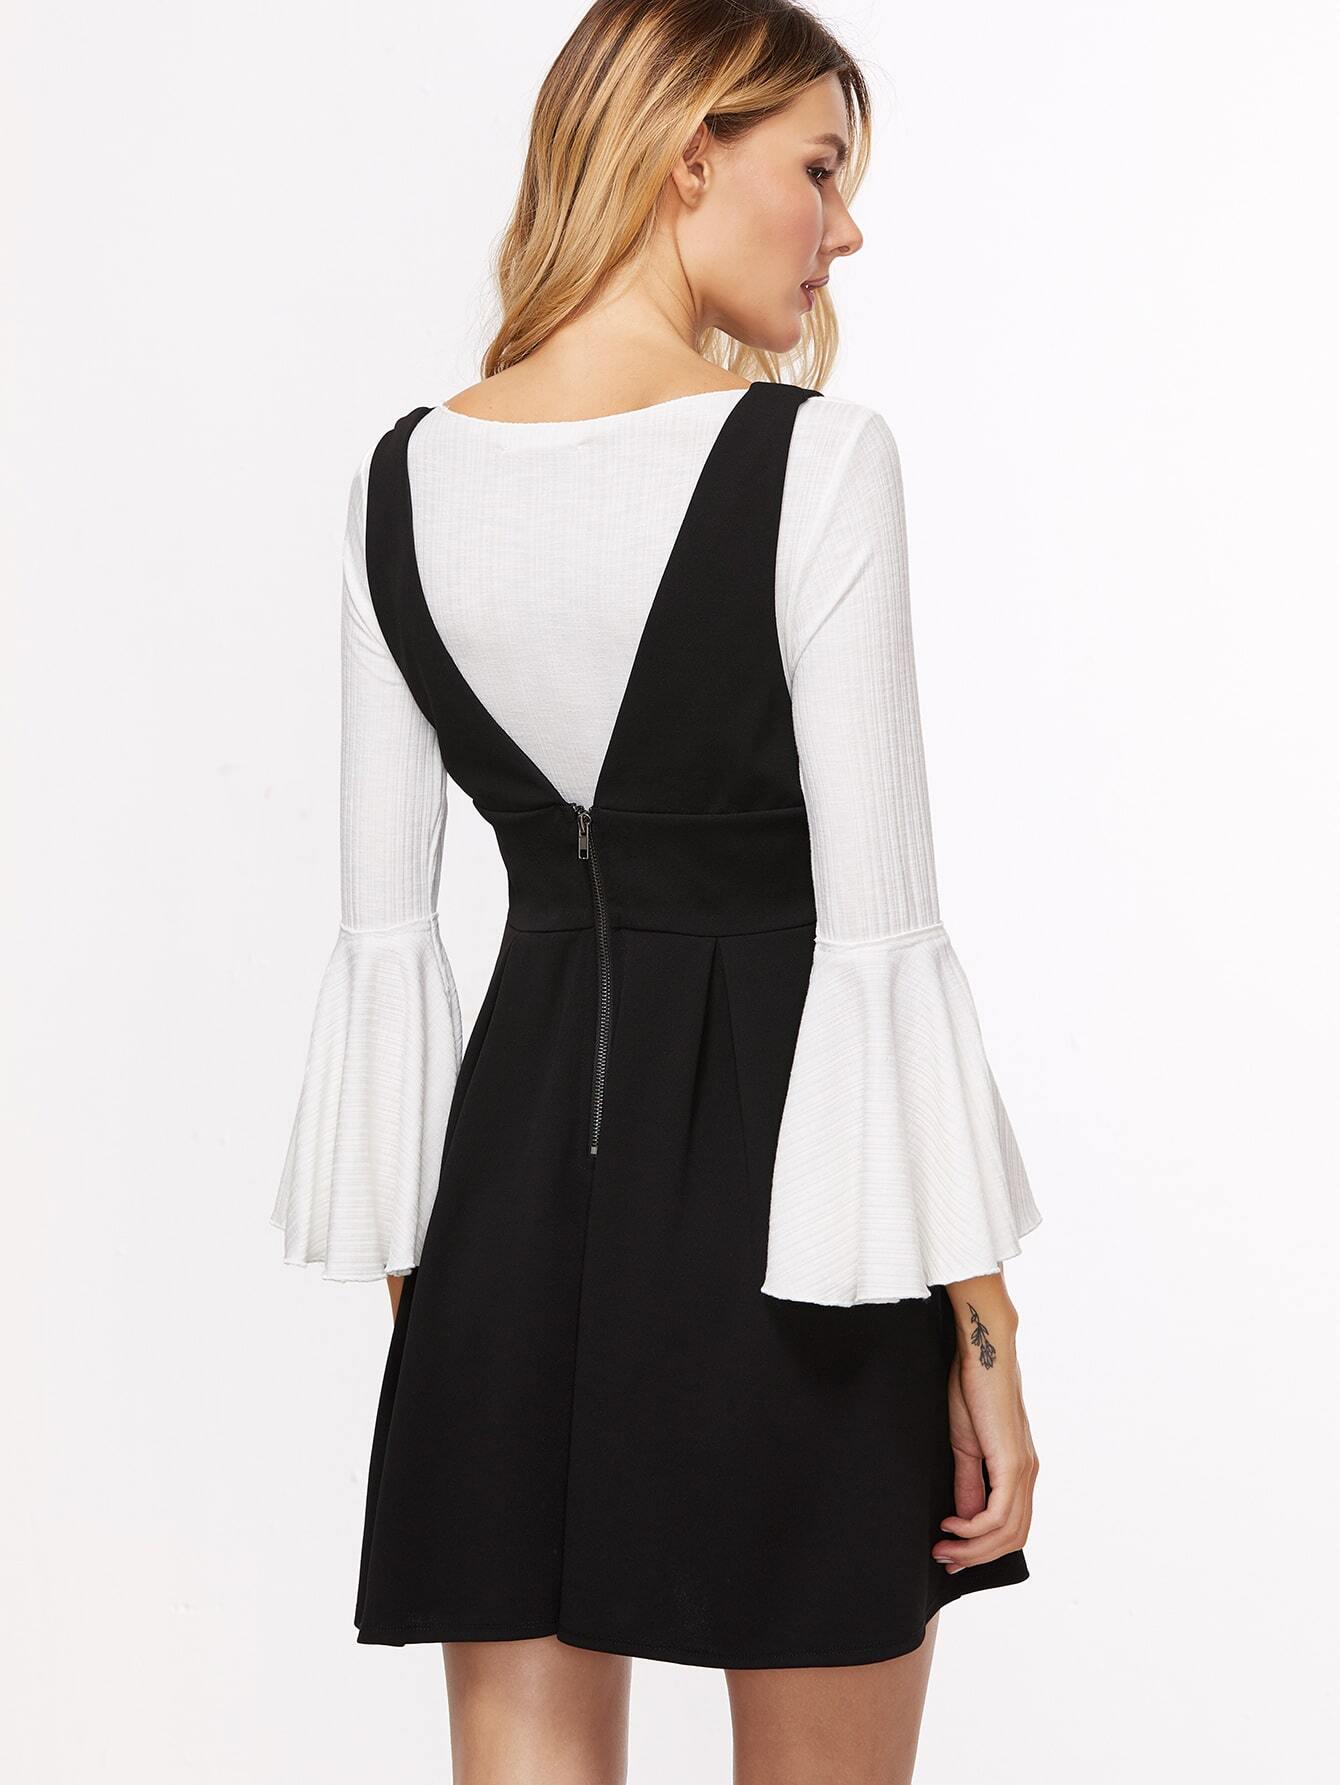 dress161102401_2